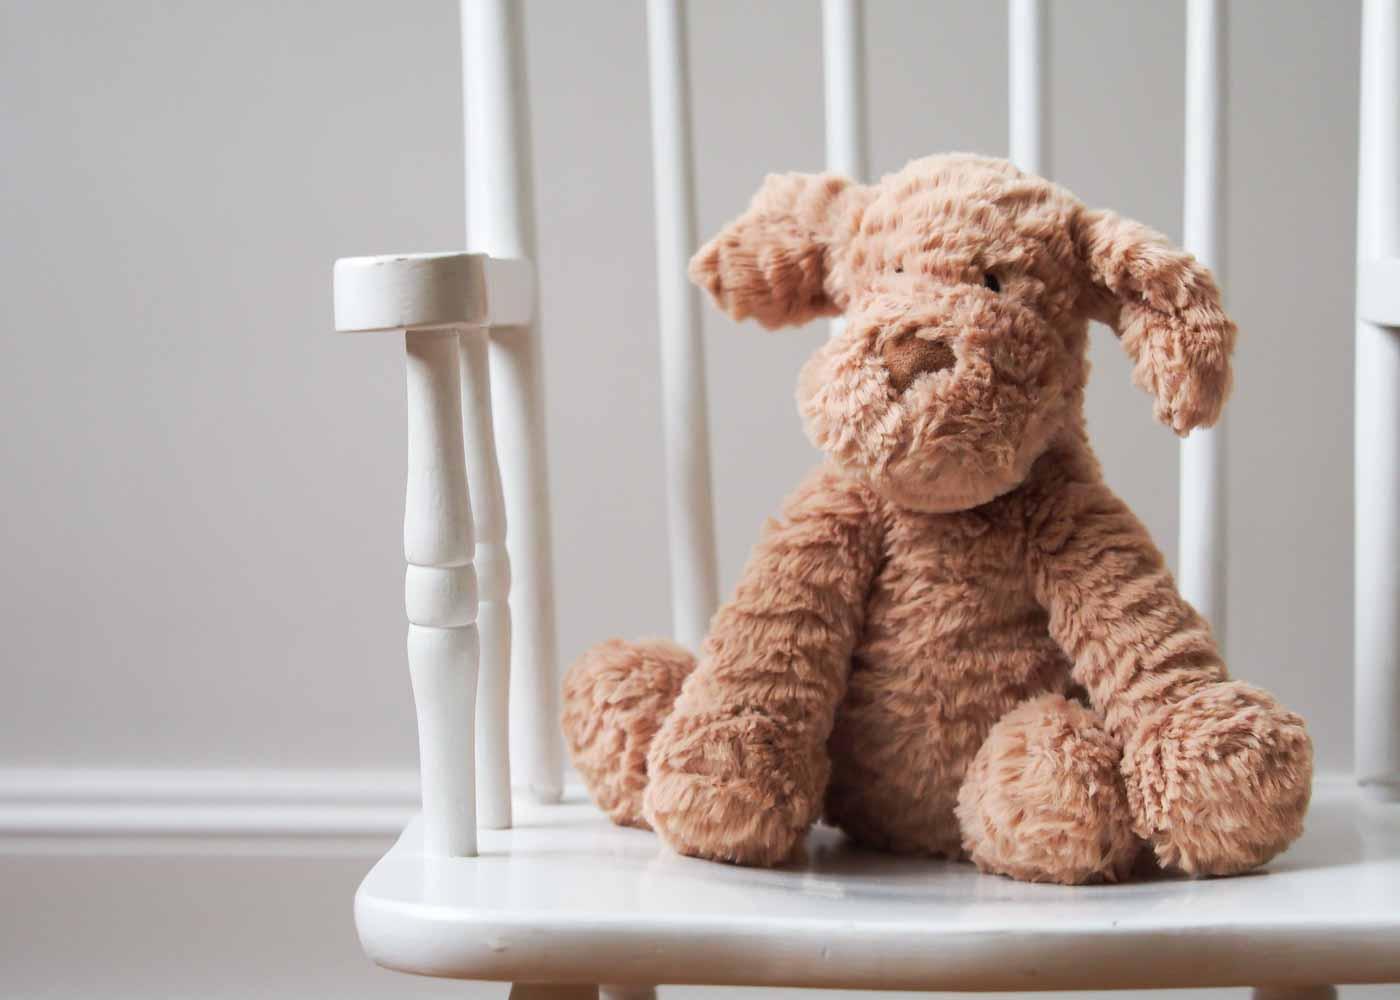 A stuffed puppy by Jellycat.